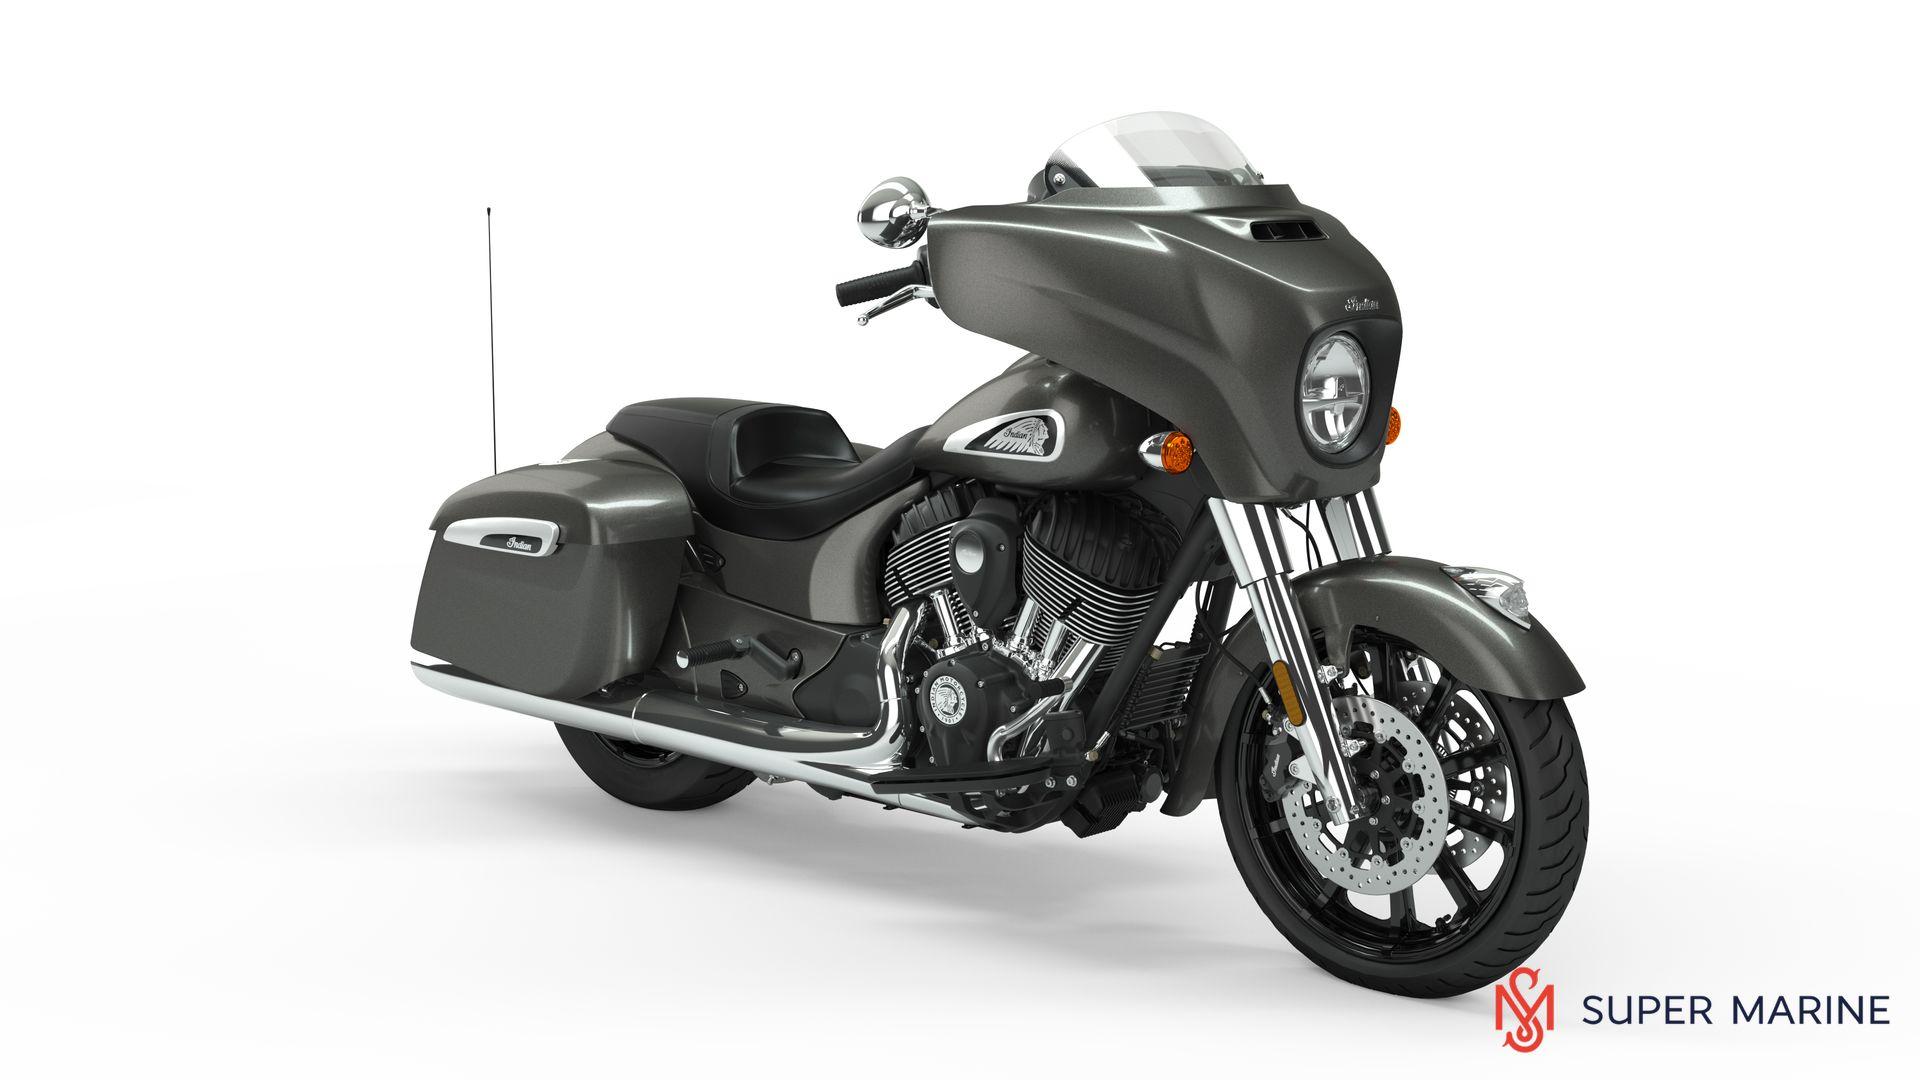 Мотоцикл Indian Chieftain Steel Gray 2019 - 1